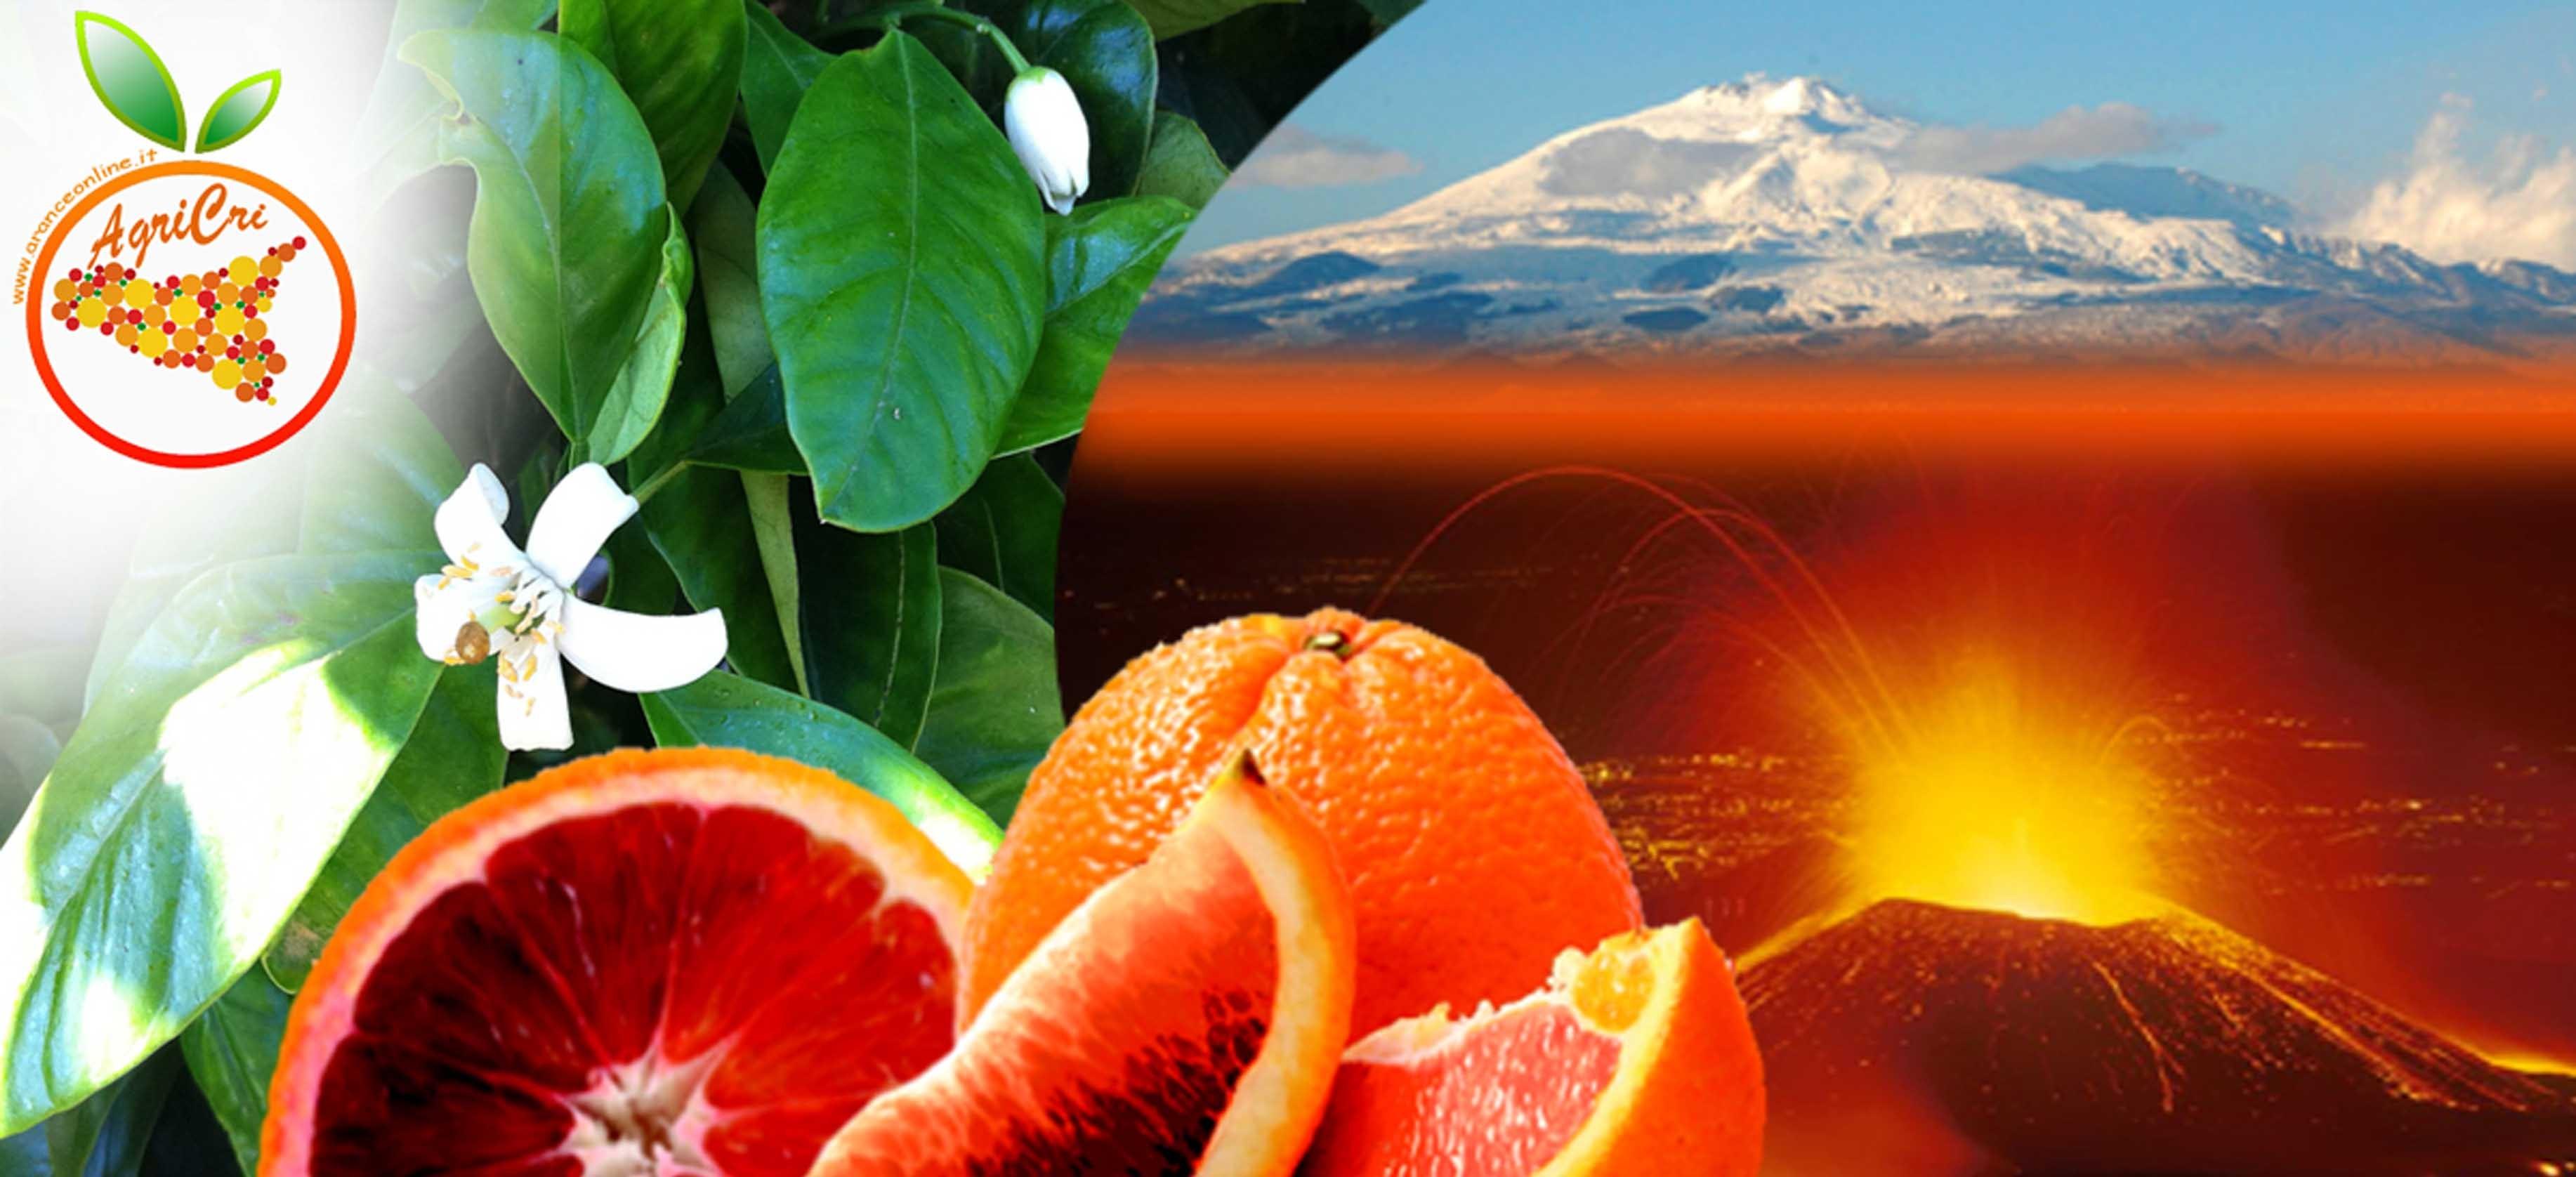 Arance da Spremuta, arance moro, arance tarocco e arance navelina Acquista anche tu le Arance Siciliane con un click